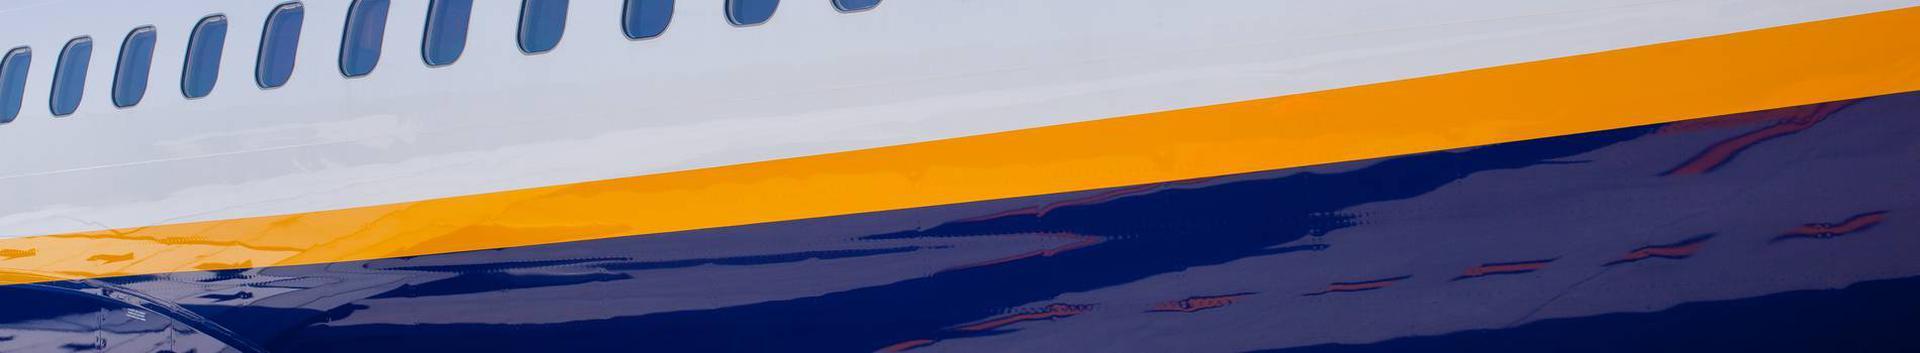 52219_muud-maismaaveonduse-teenused_80929721_xl.jpg